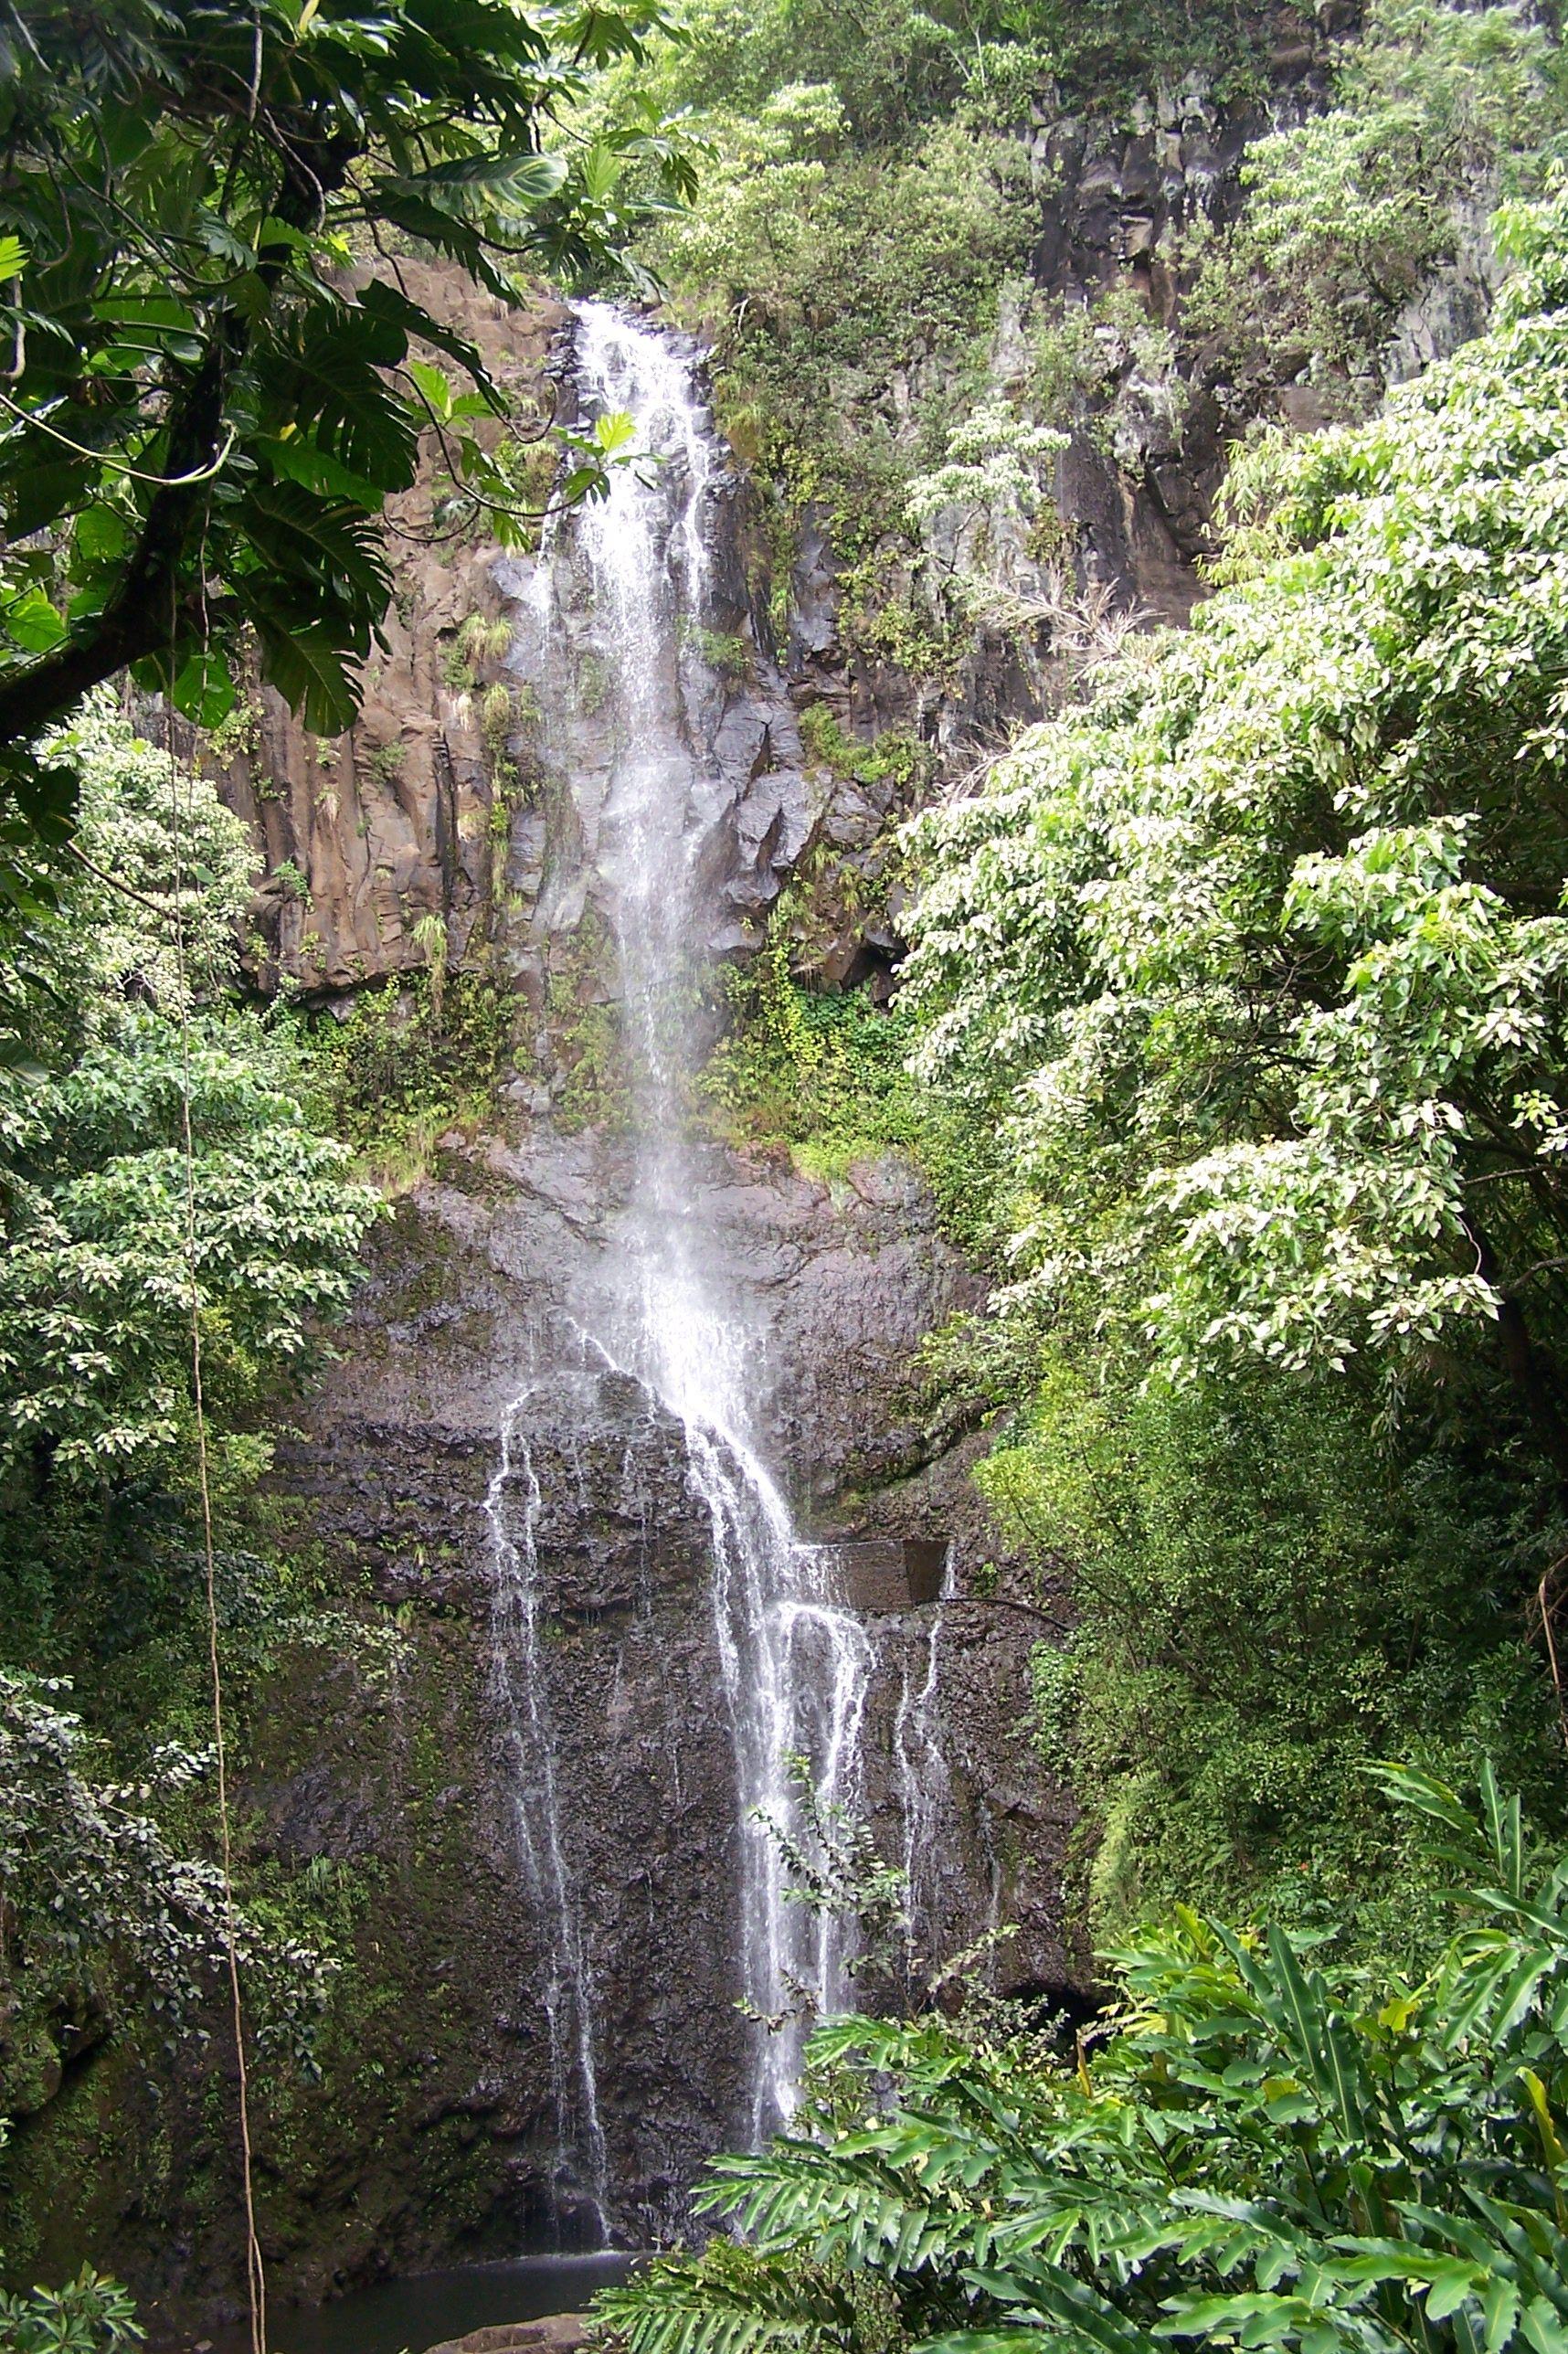 Hawaii the road to hana road to hana hawaii waterfall